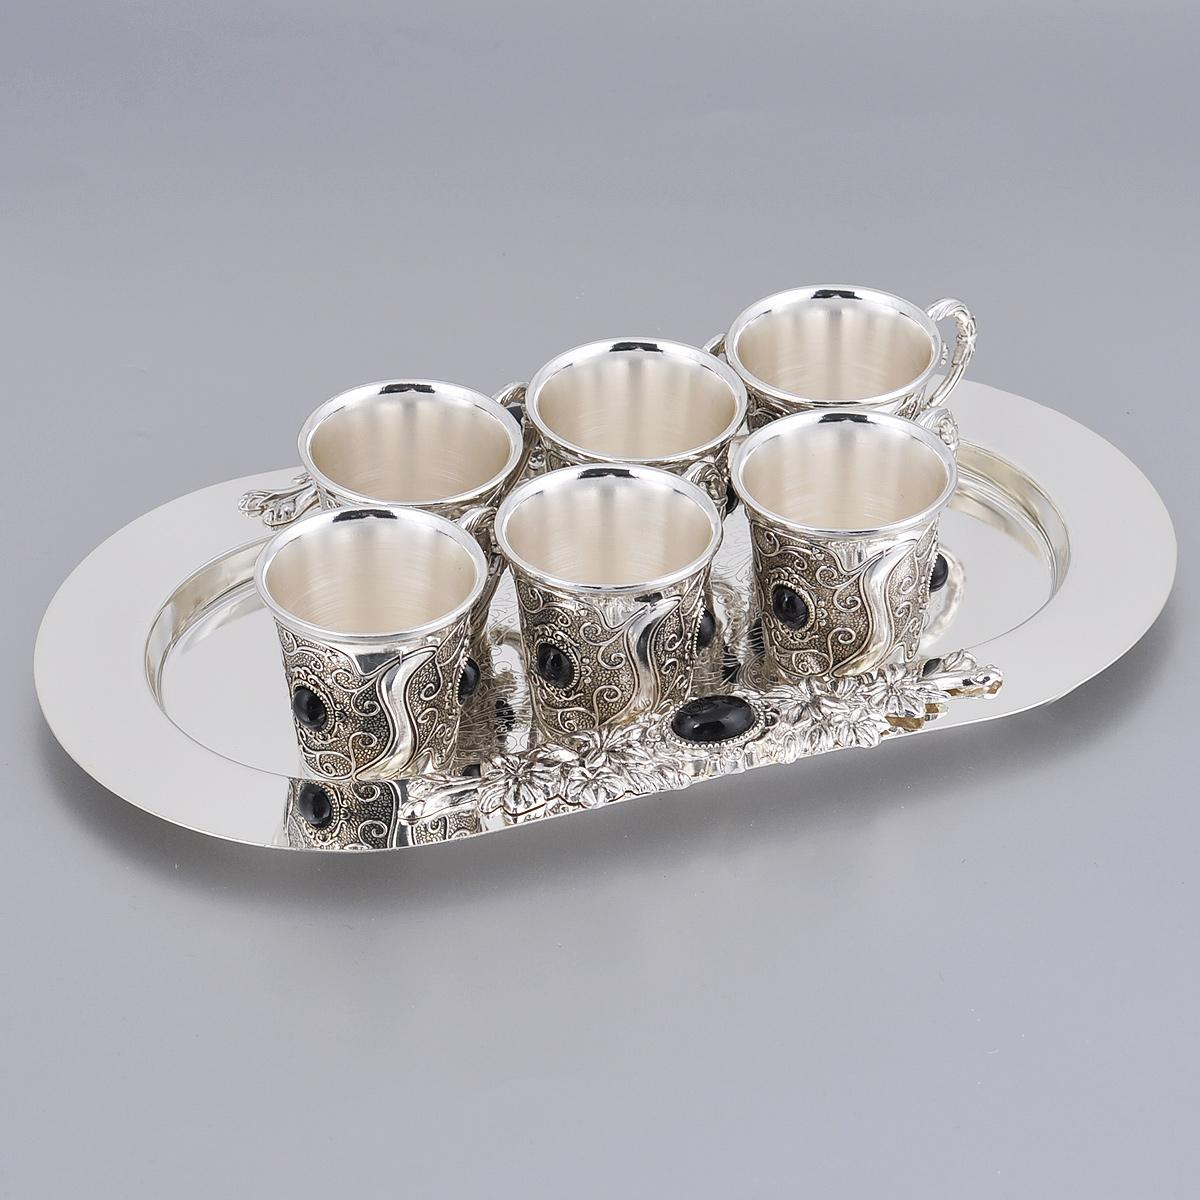 Набор чайный Marquis, 7 предметов. 2143-MR2143-MRЧайный набор Marquis состоит из 6 чашек и подноса. Предметы набора выполнены из стали с серебряно-никелевым покрытием и оформлены изящными рельефными узорами и декоративными камнями. Поднос овальной формы с легкостью уместит все предметы набора. Выполненный под старину, такой набор придется по вкусу и ценителям классики, и тем, кто предпочитает утонченность и изысканность. Сервировка праздничного стола таким набором станет великолепным украшением любого торжества. Не рекомендуется мыть в посудомоечной машине.